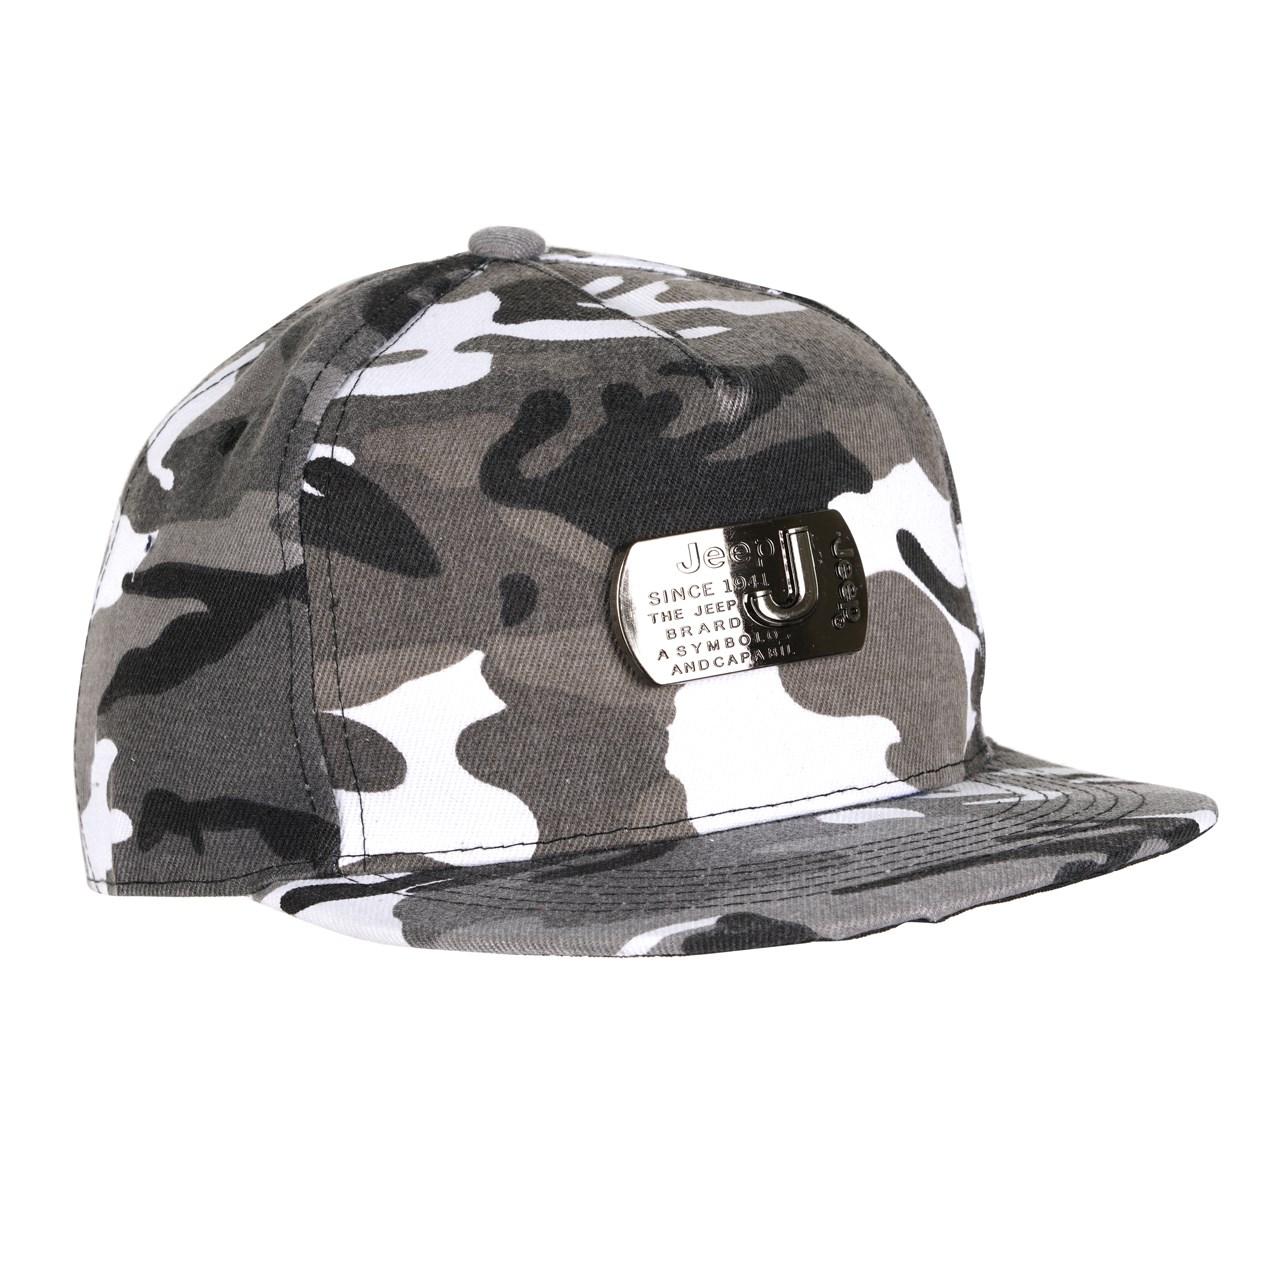 قیمت کلاه آفتابی جیپ مدل Offroad